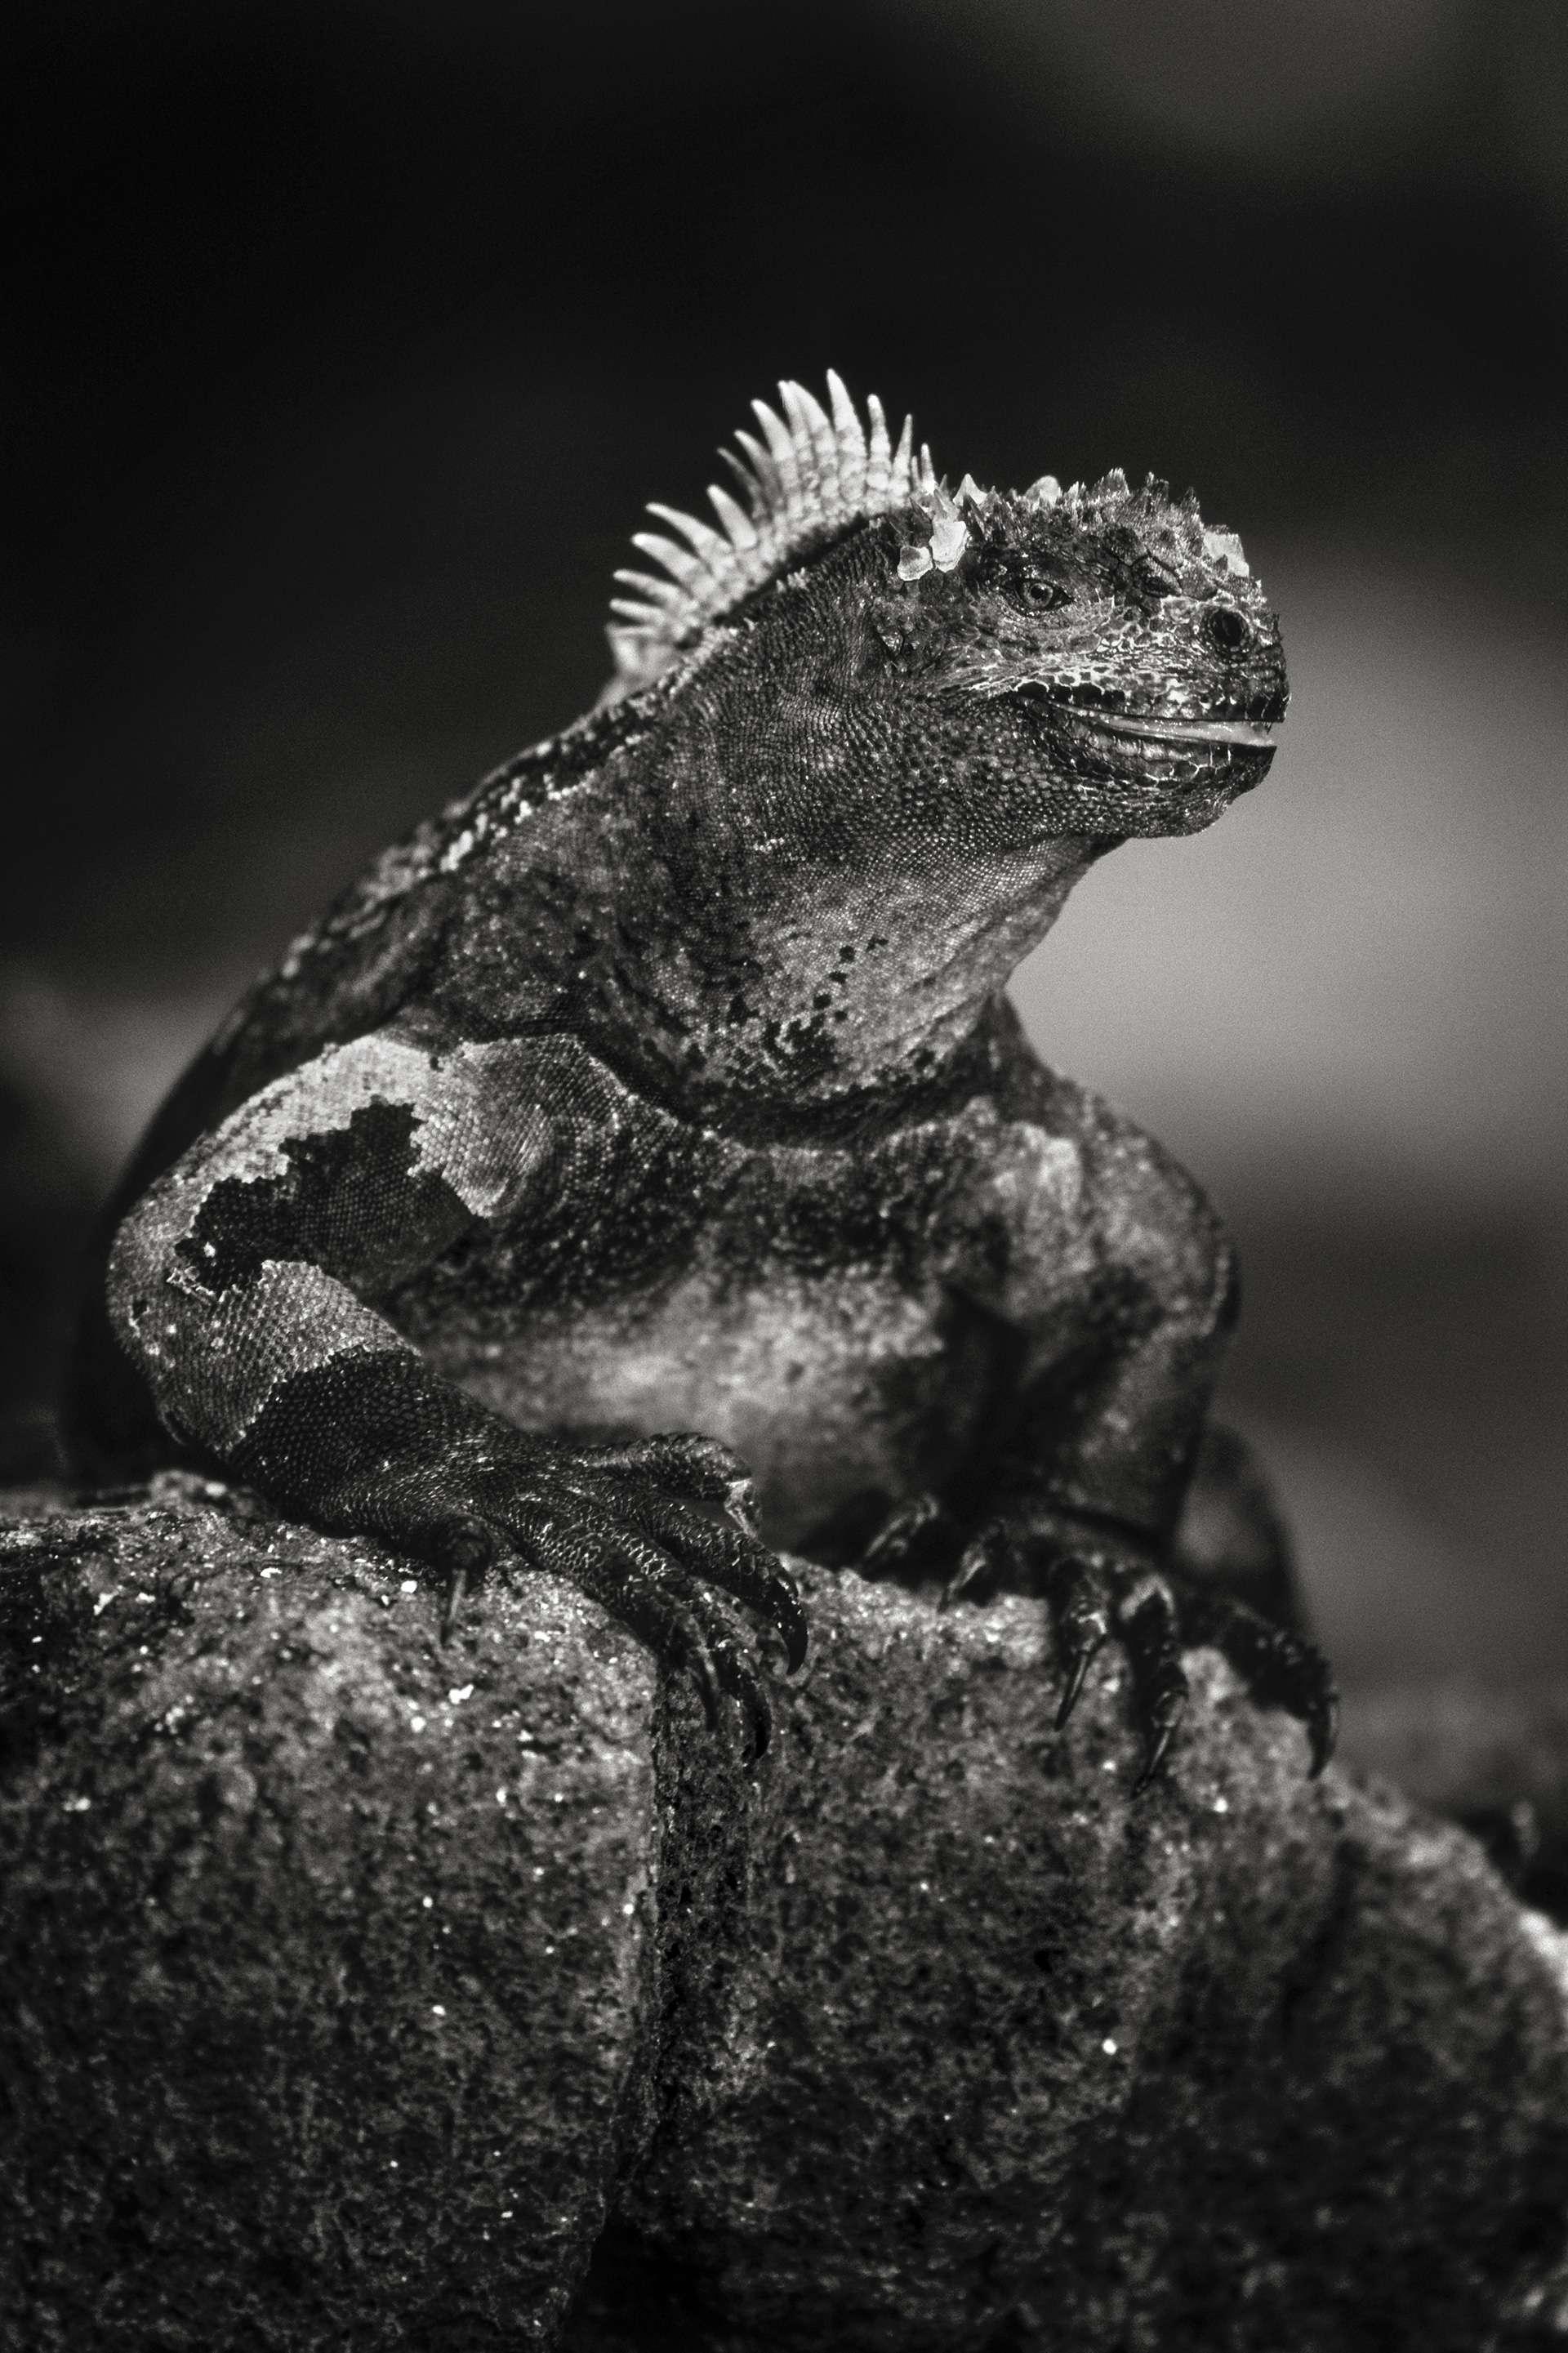 Gilles Martin's photograph : Galápagos marine iguana, Struggle for life